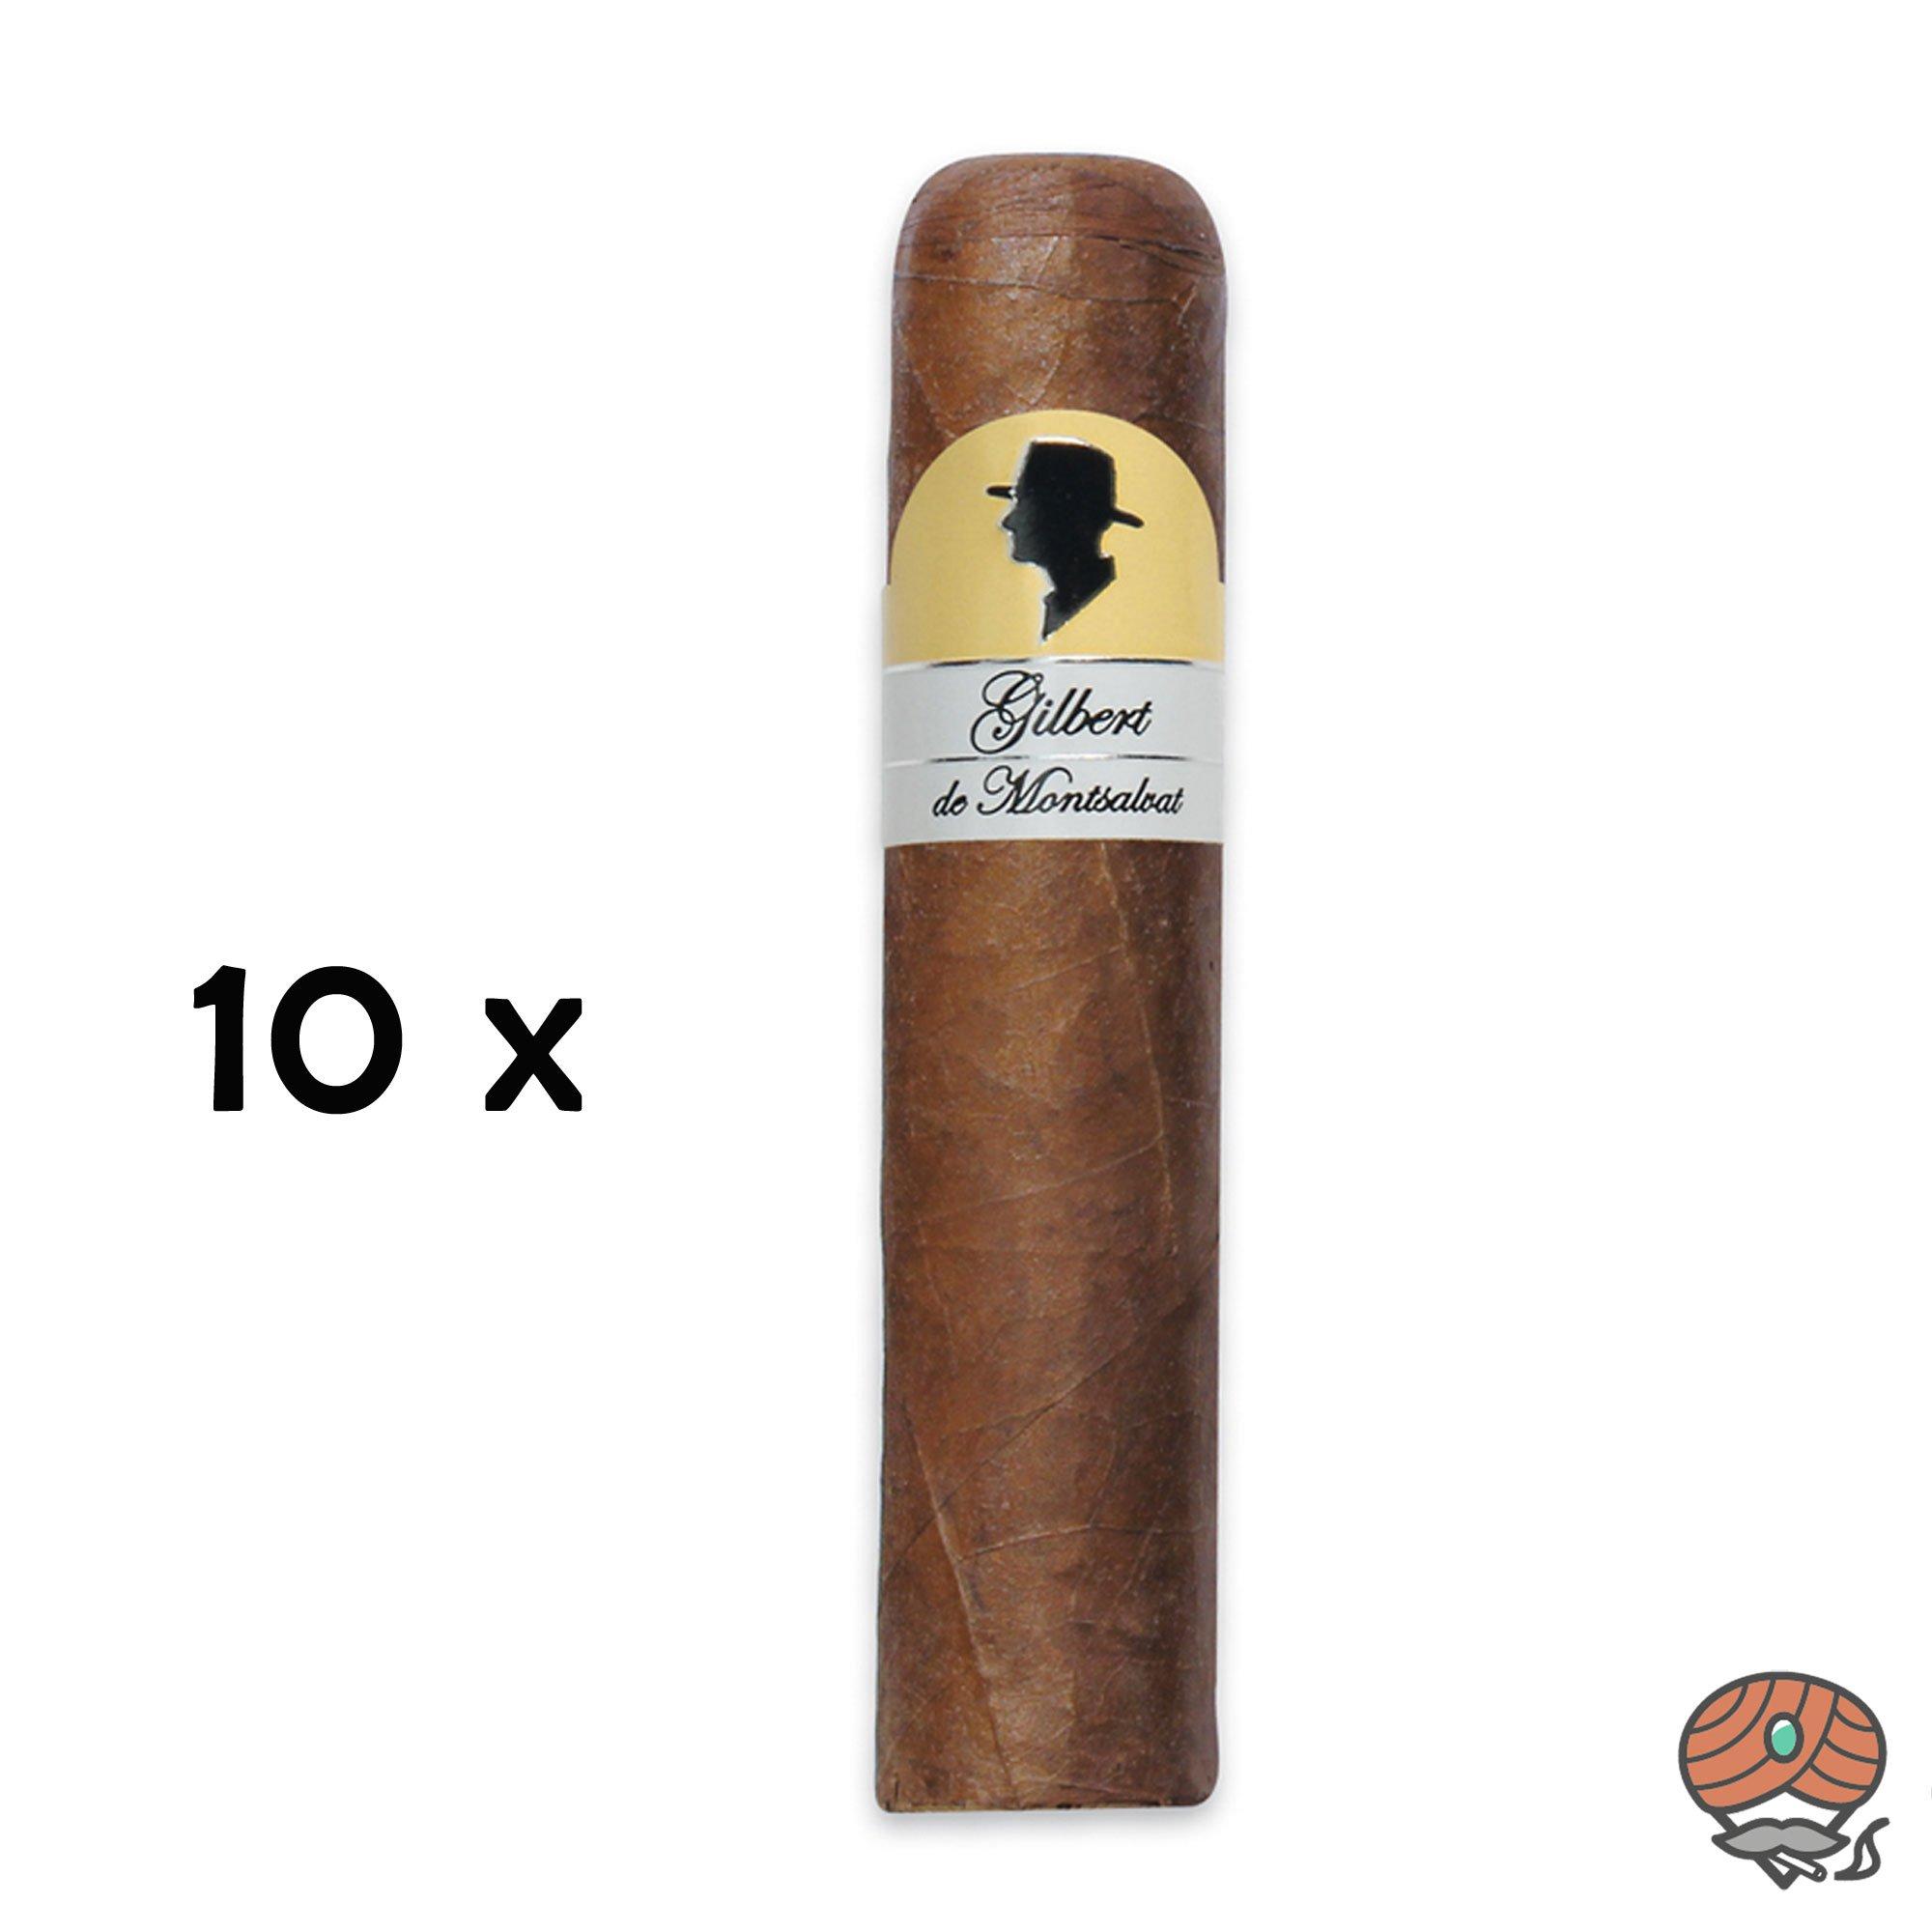 Gilbert de Montsalvat Gordo Zigarre Revolution Style 10er Kiste